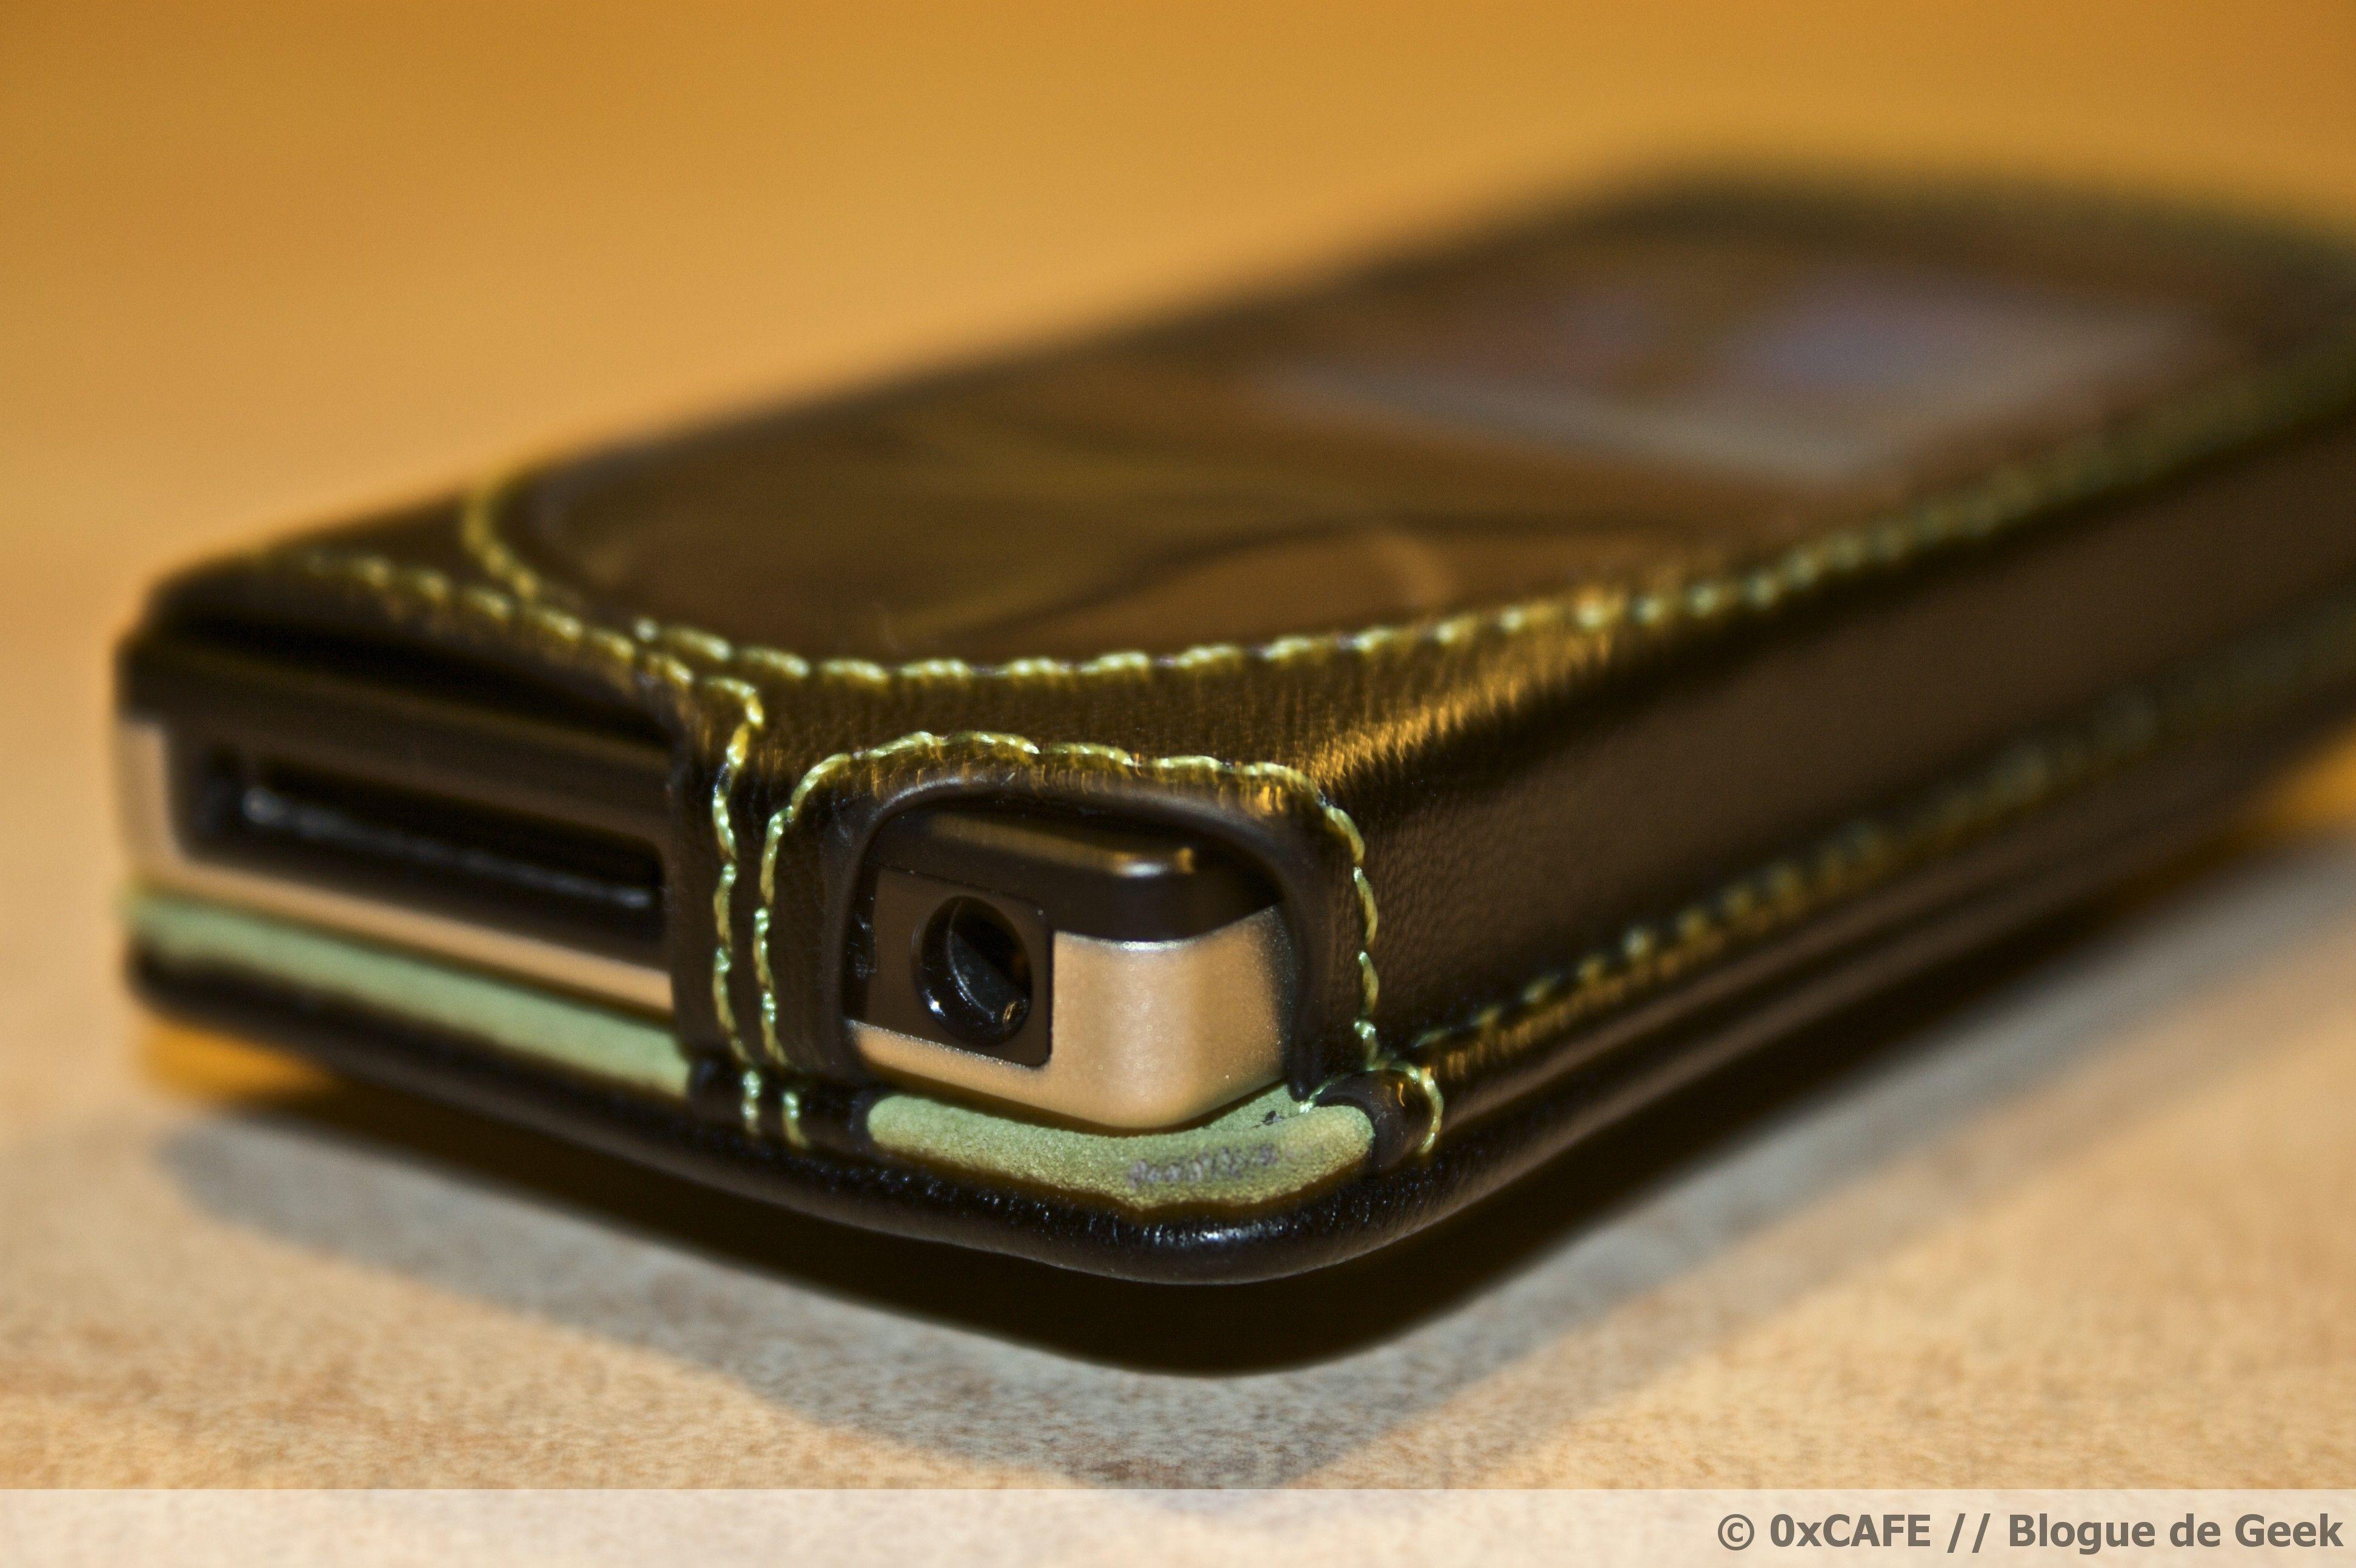 image 82 - [Évaluation] Étui de cuir HipCase de DLO pour le Zune 8Go